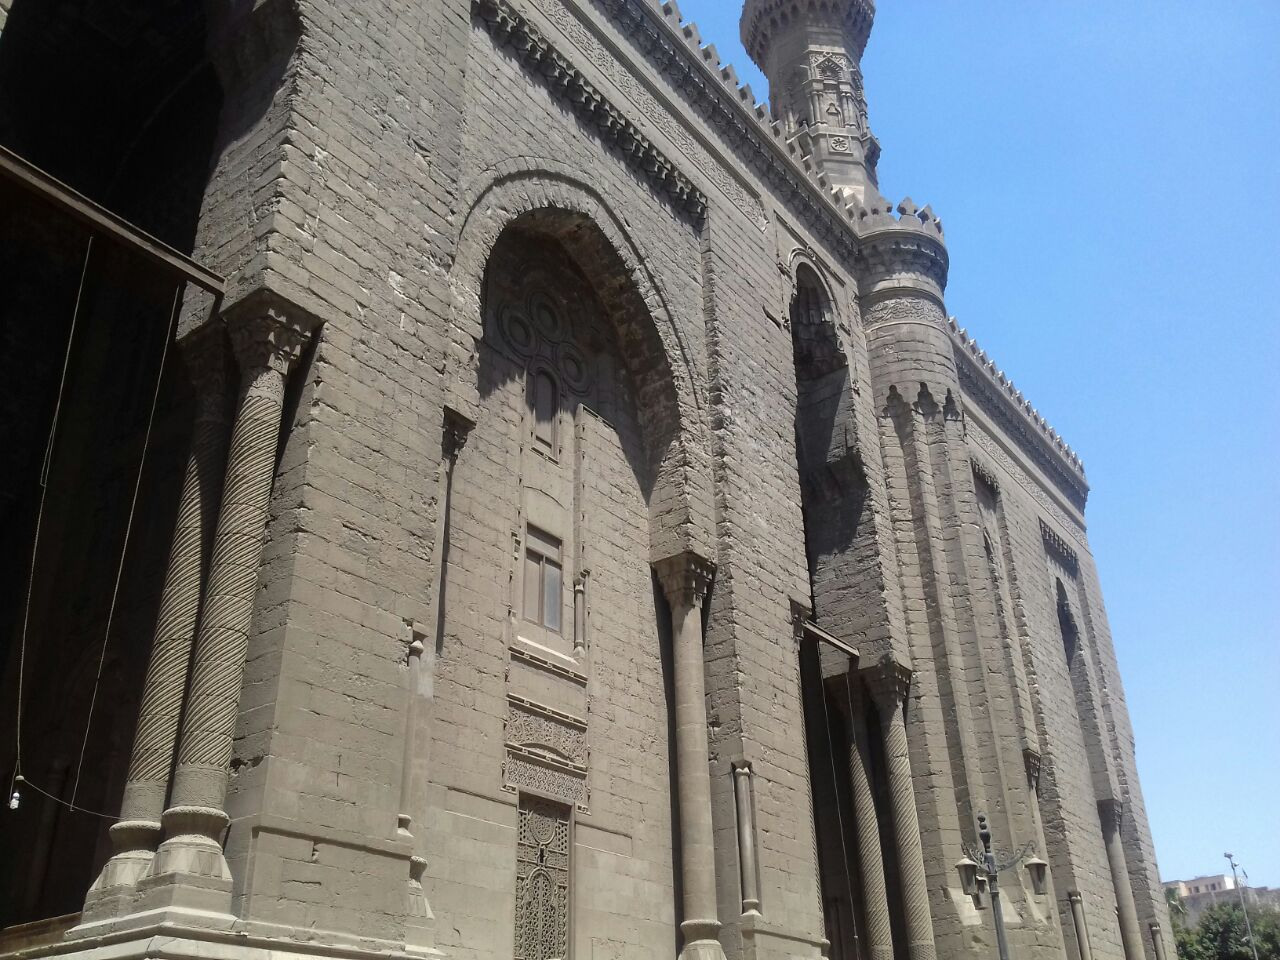 إلغاء صلاة الجماعة بمسجد الرفاعي وإغلاقه بسبب غياب الإمام وسط غضب المواطنين (صور)